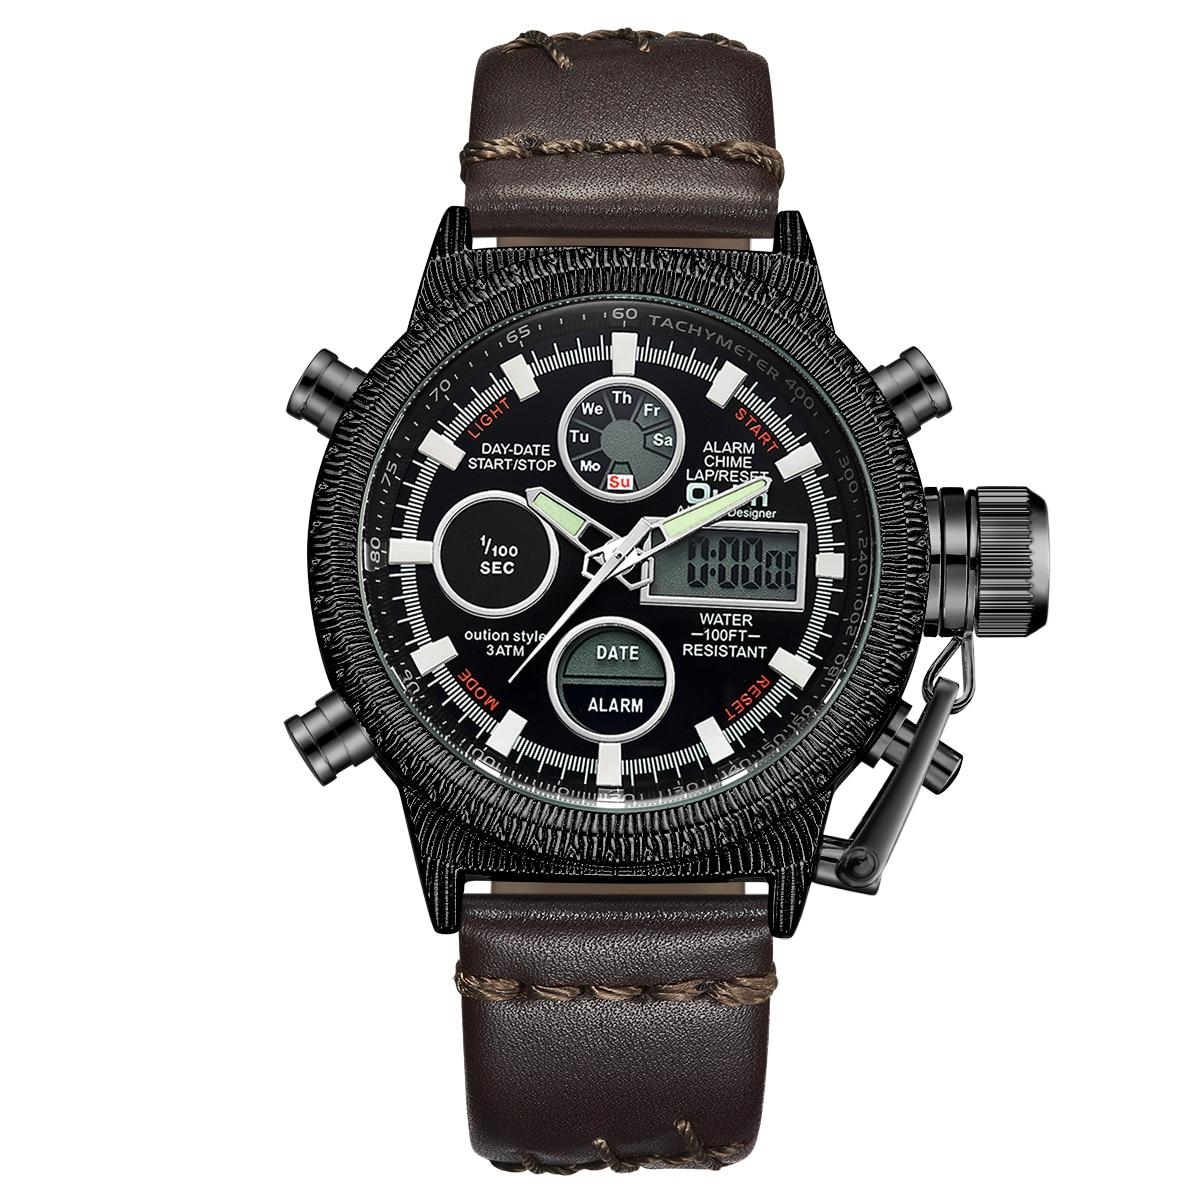 Oulm hommes montres de luxe marque en cuir montre de sport hommes Unique hommes Quartz LED horloge numérique étanche montre-bracelet militaire - 2